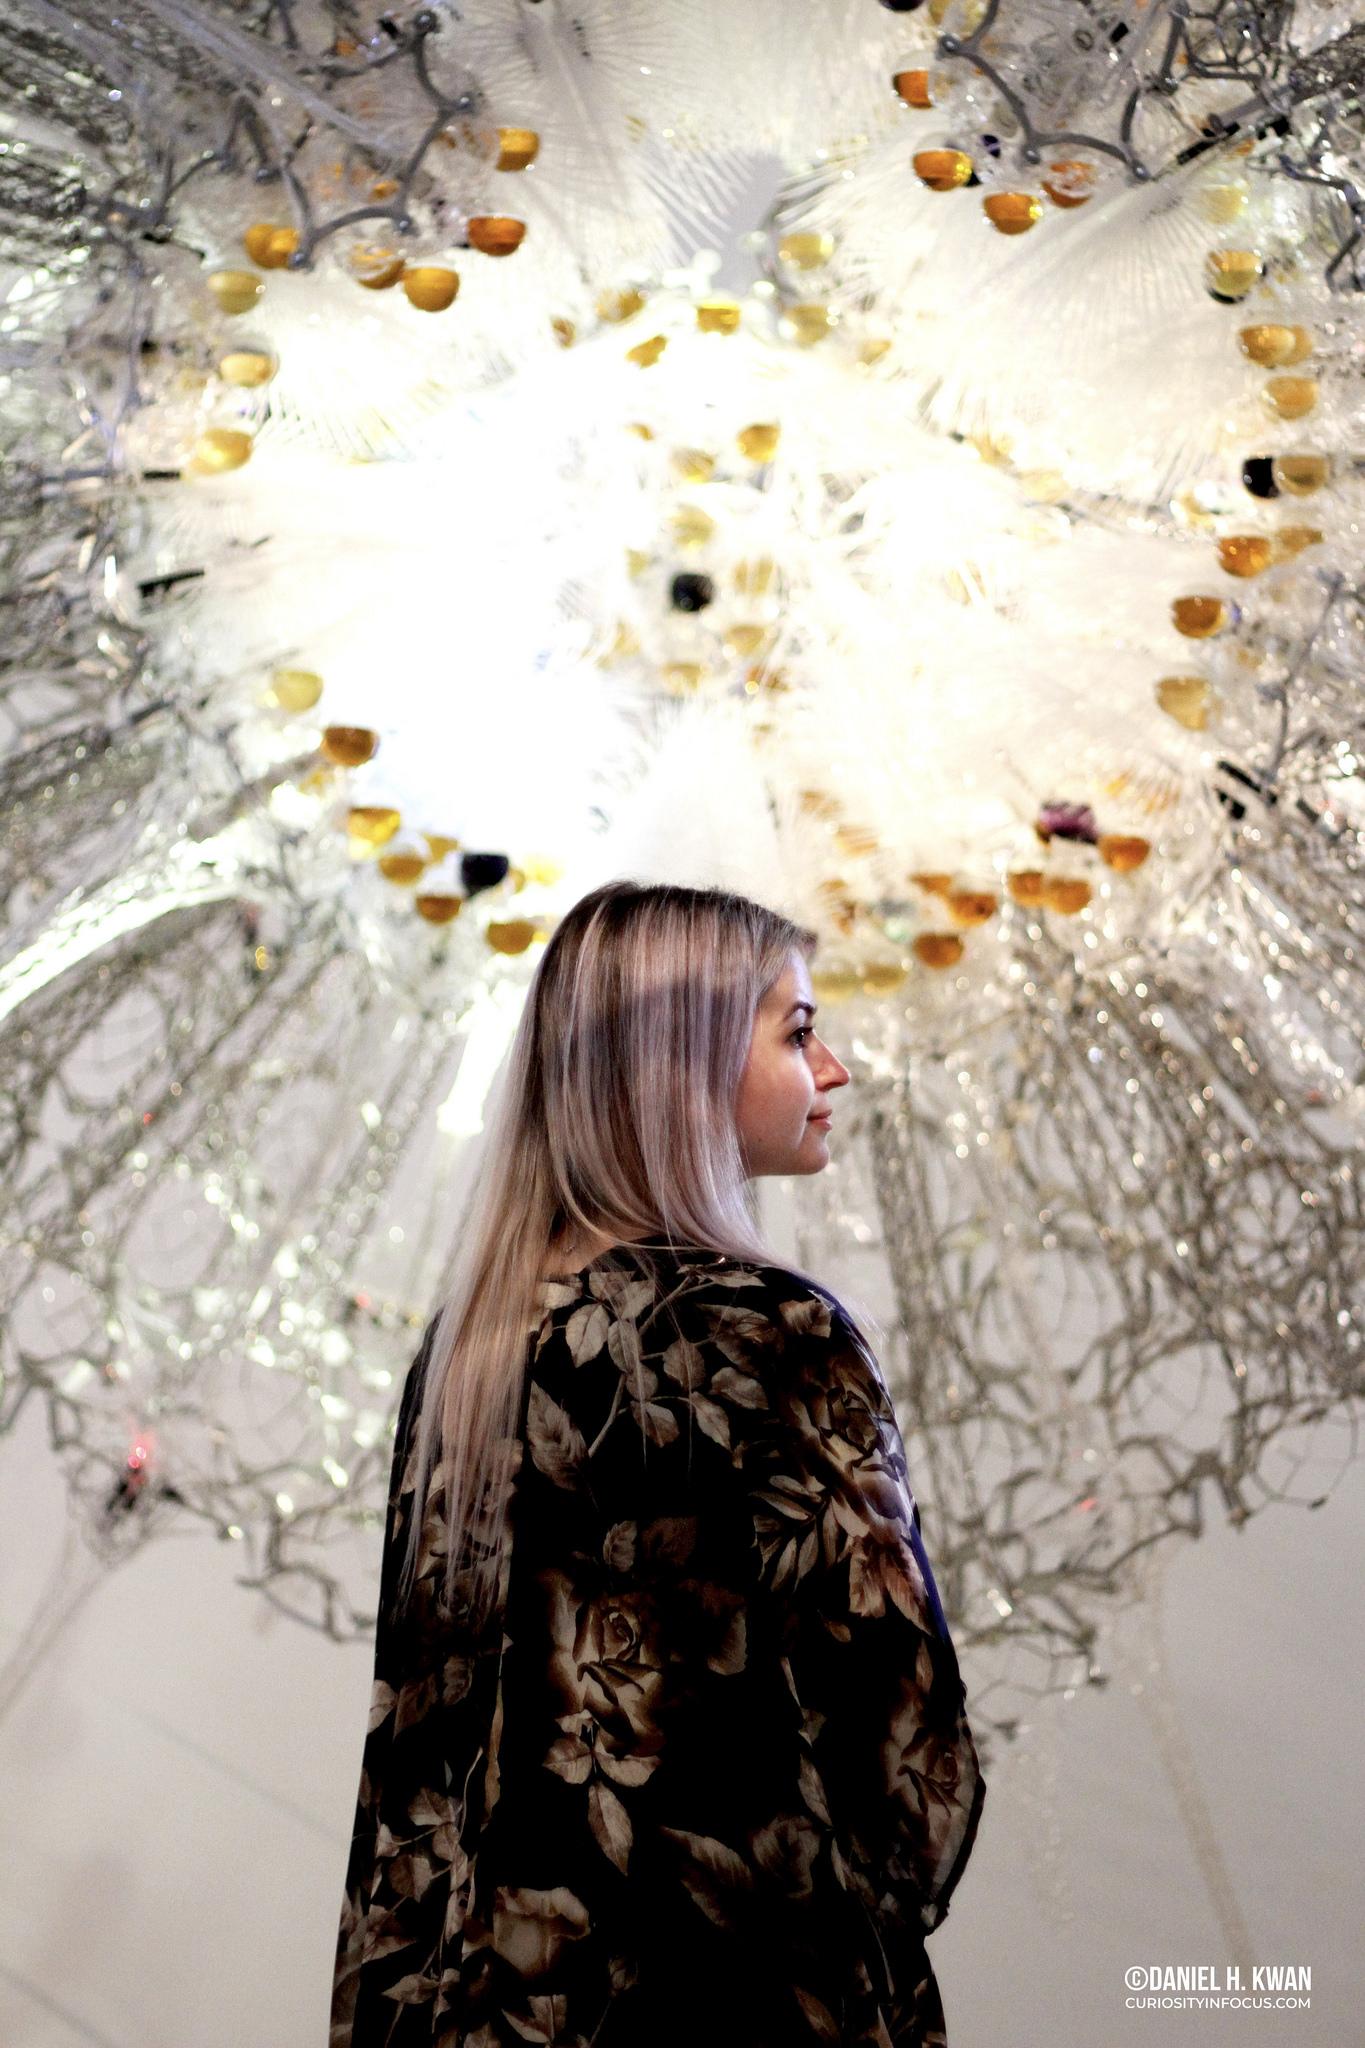 Iris van Herpen-Phillip Beesley_Dominique_WM